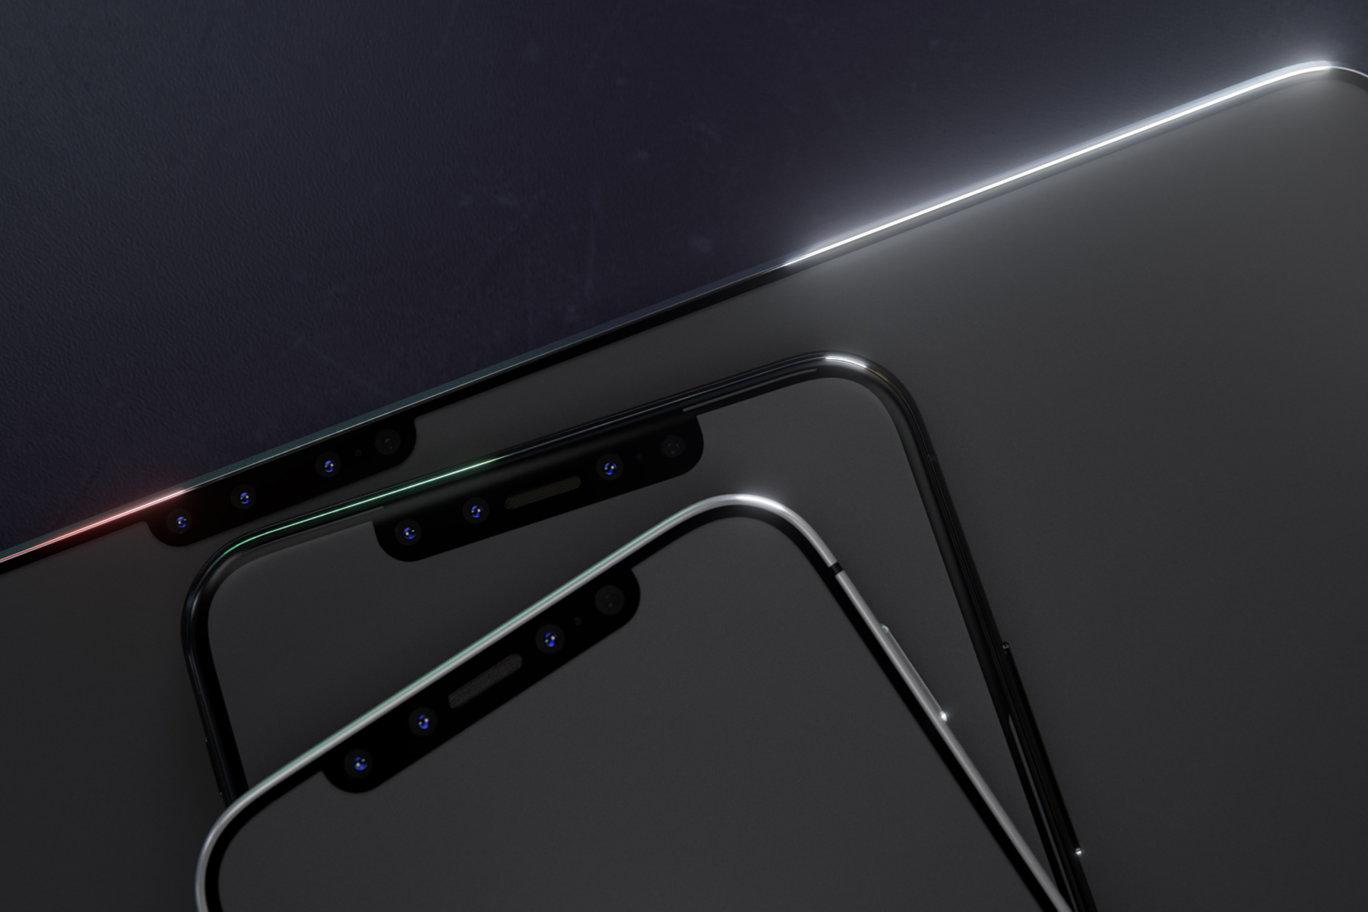 Apple despede engenheiro porque filha revelou segredos do iPhone X